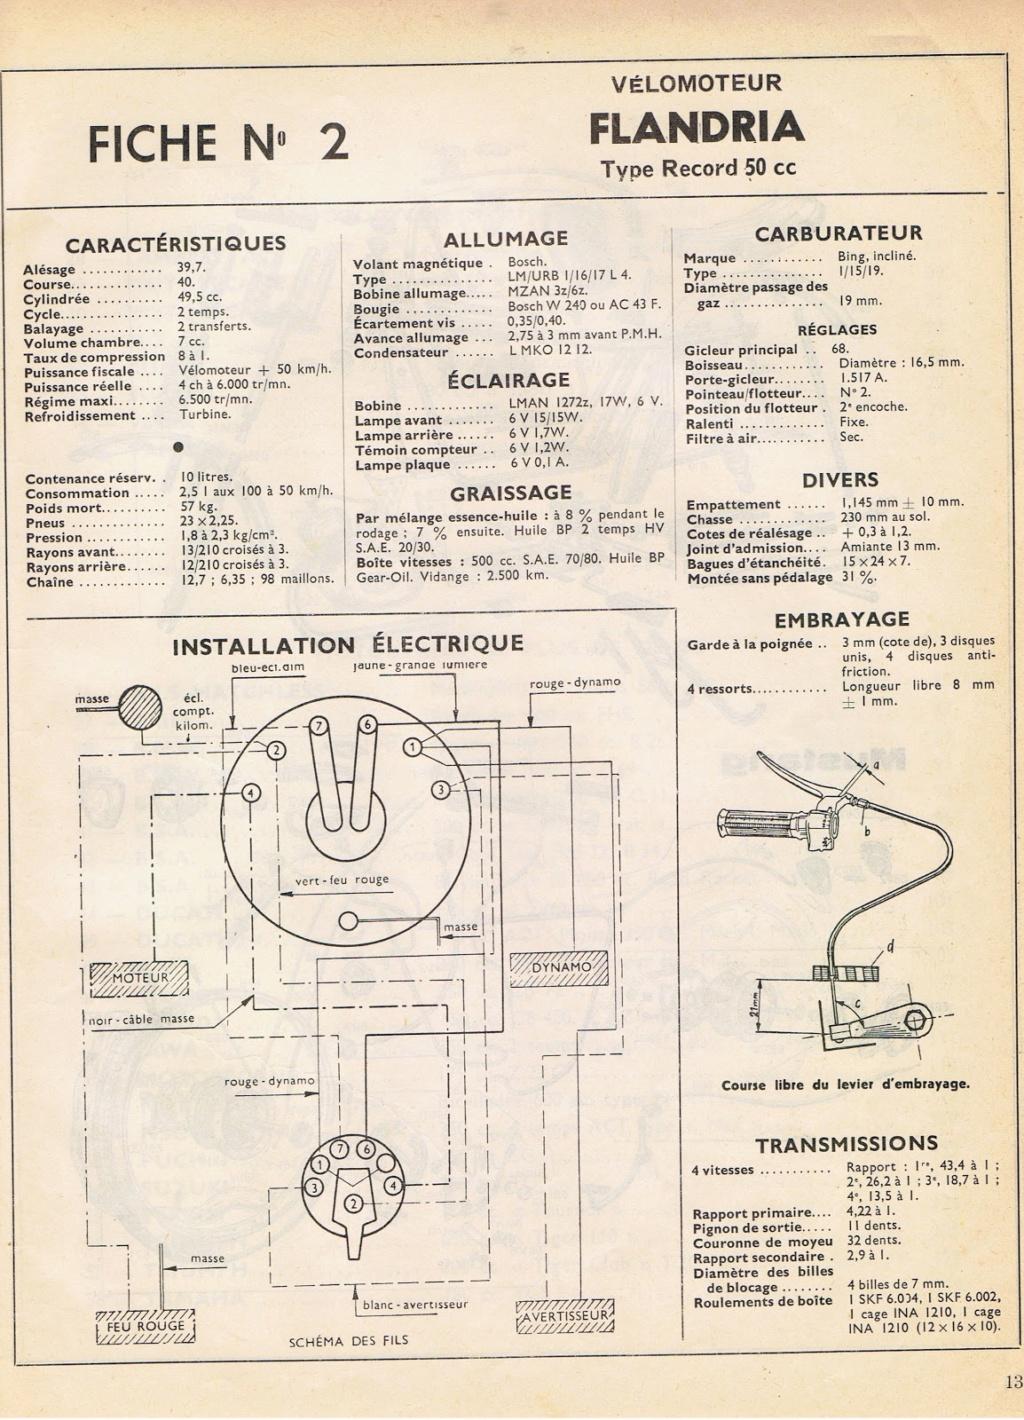 eleCtricité PALOMA FLASH. Flandr12